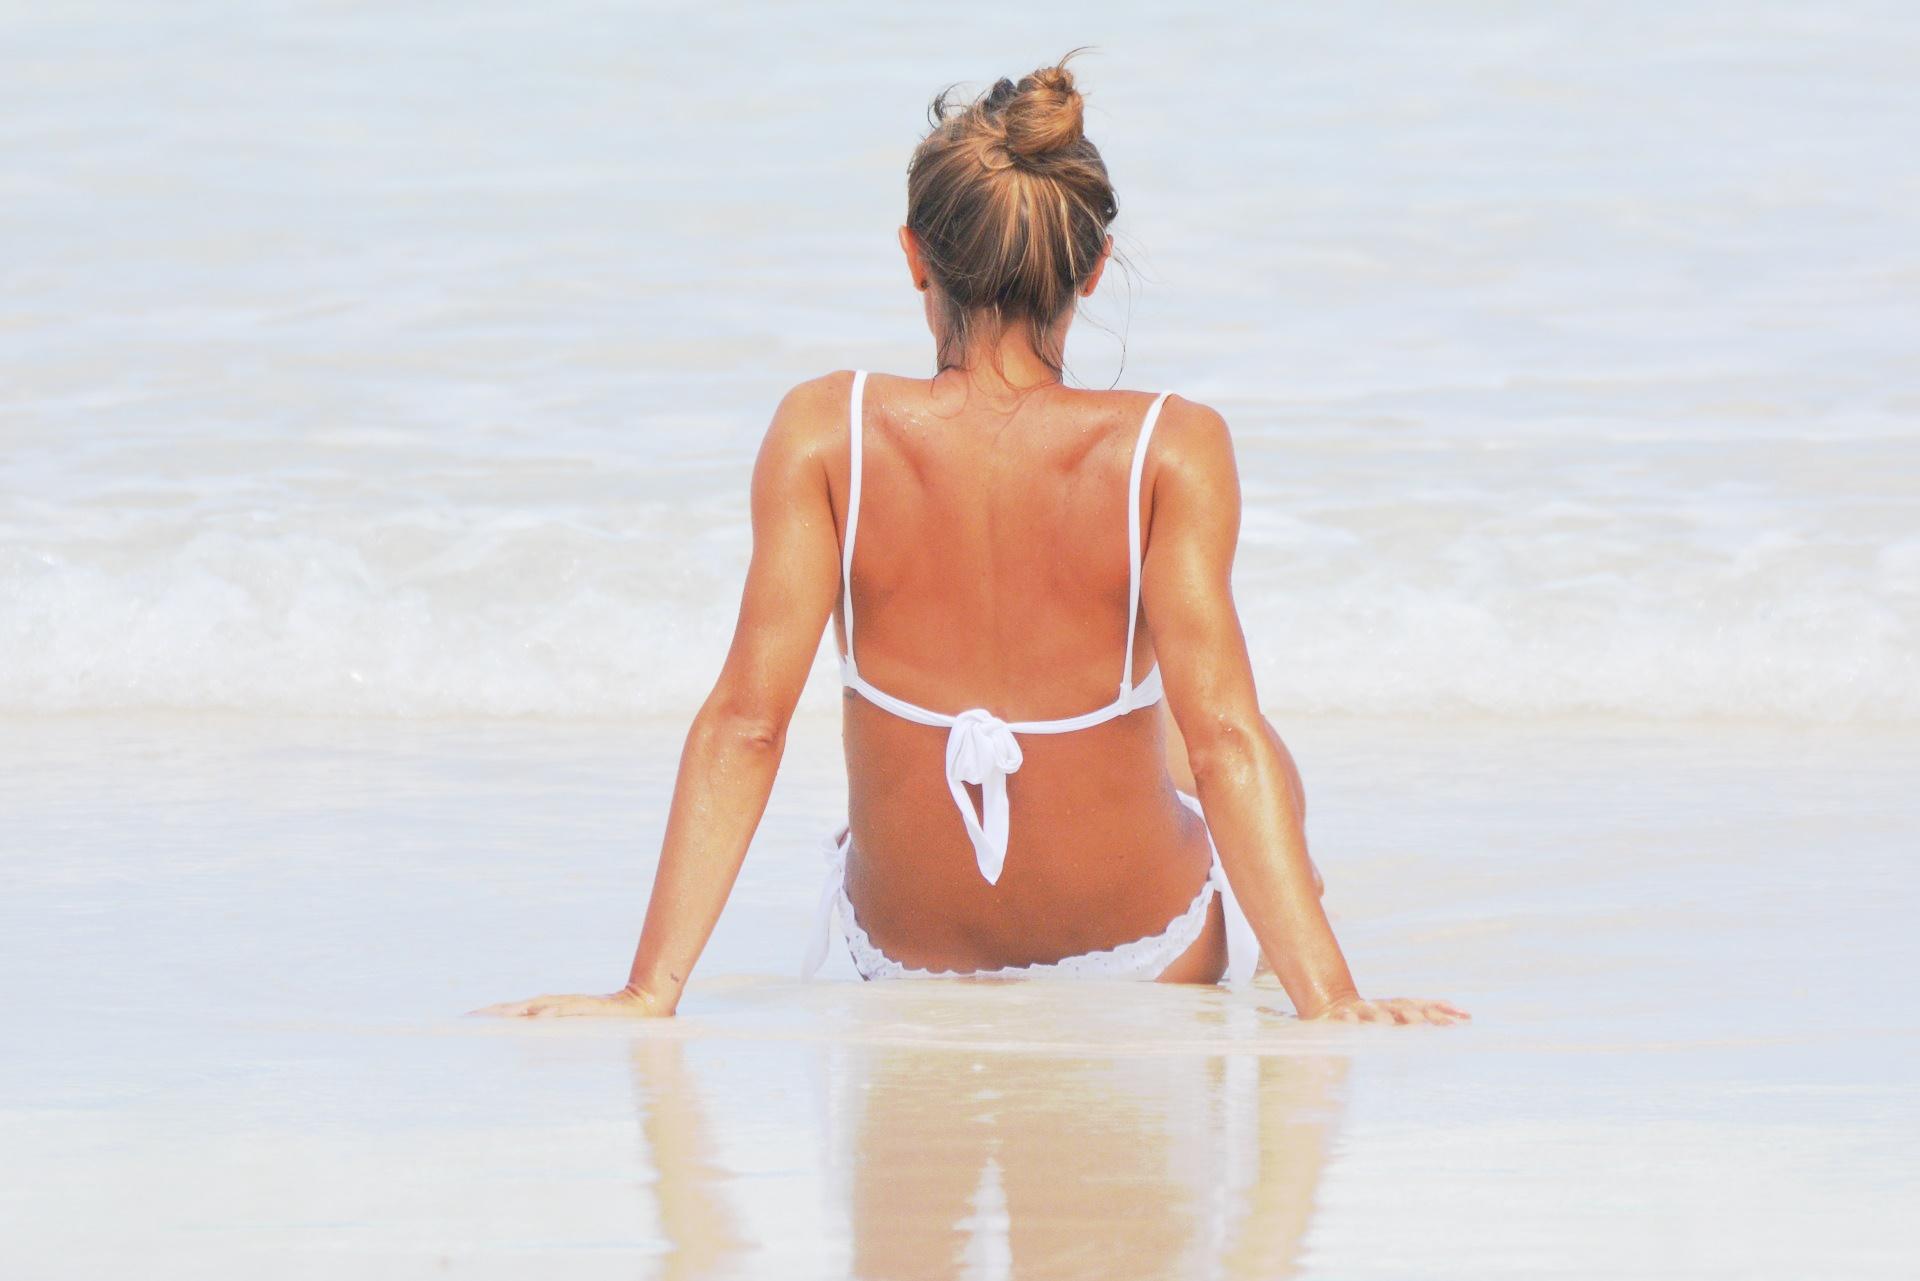 Oparzenia słoneczne, jak załagodzić ból domowe sposoby na oparzenia słoneczne